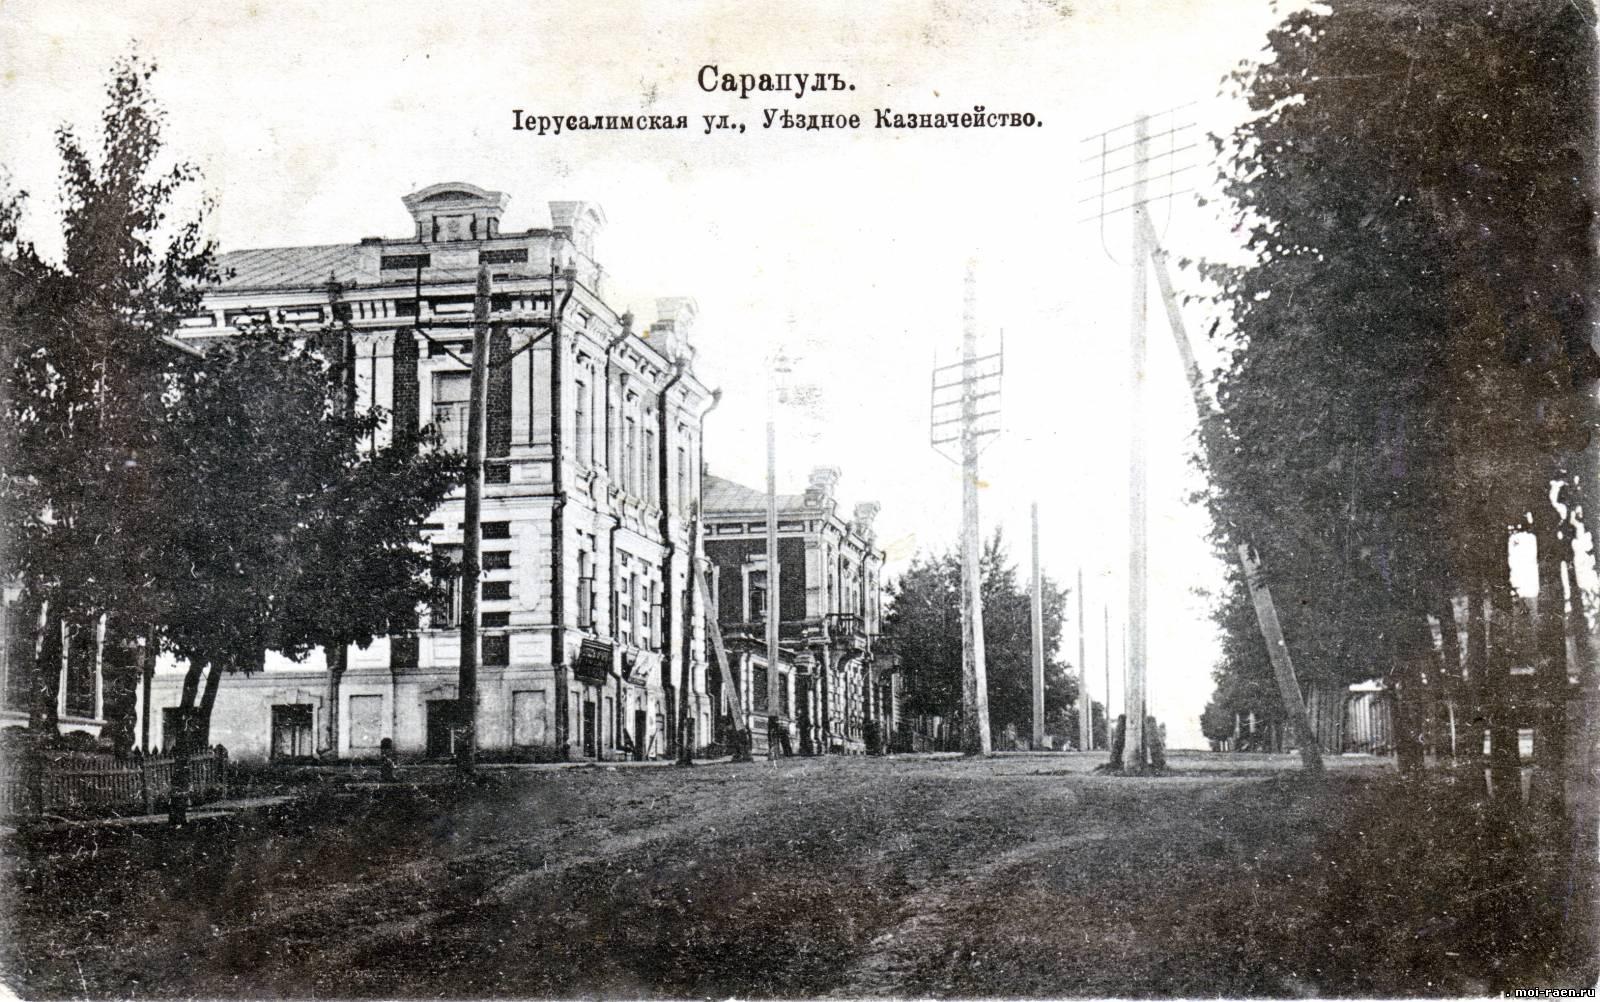 Иерусалимская улица